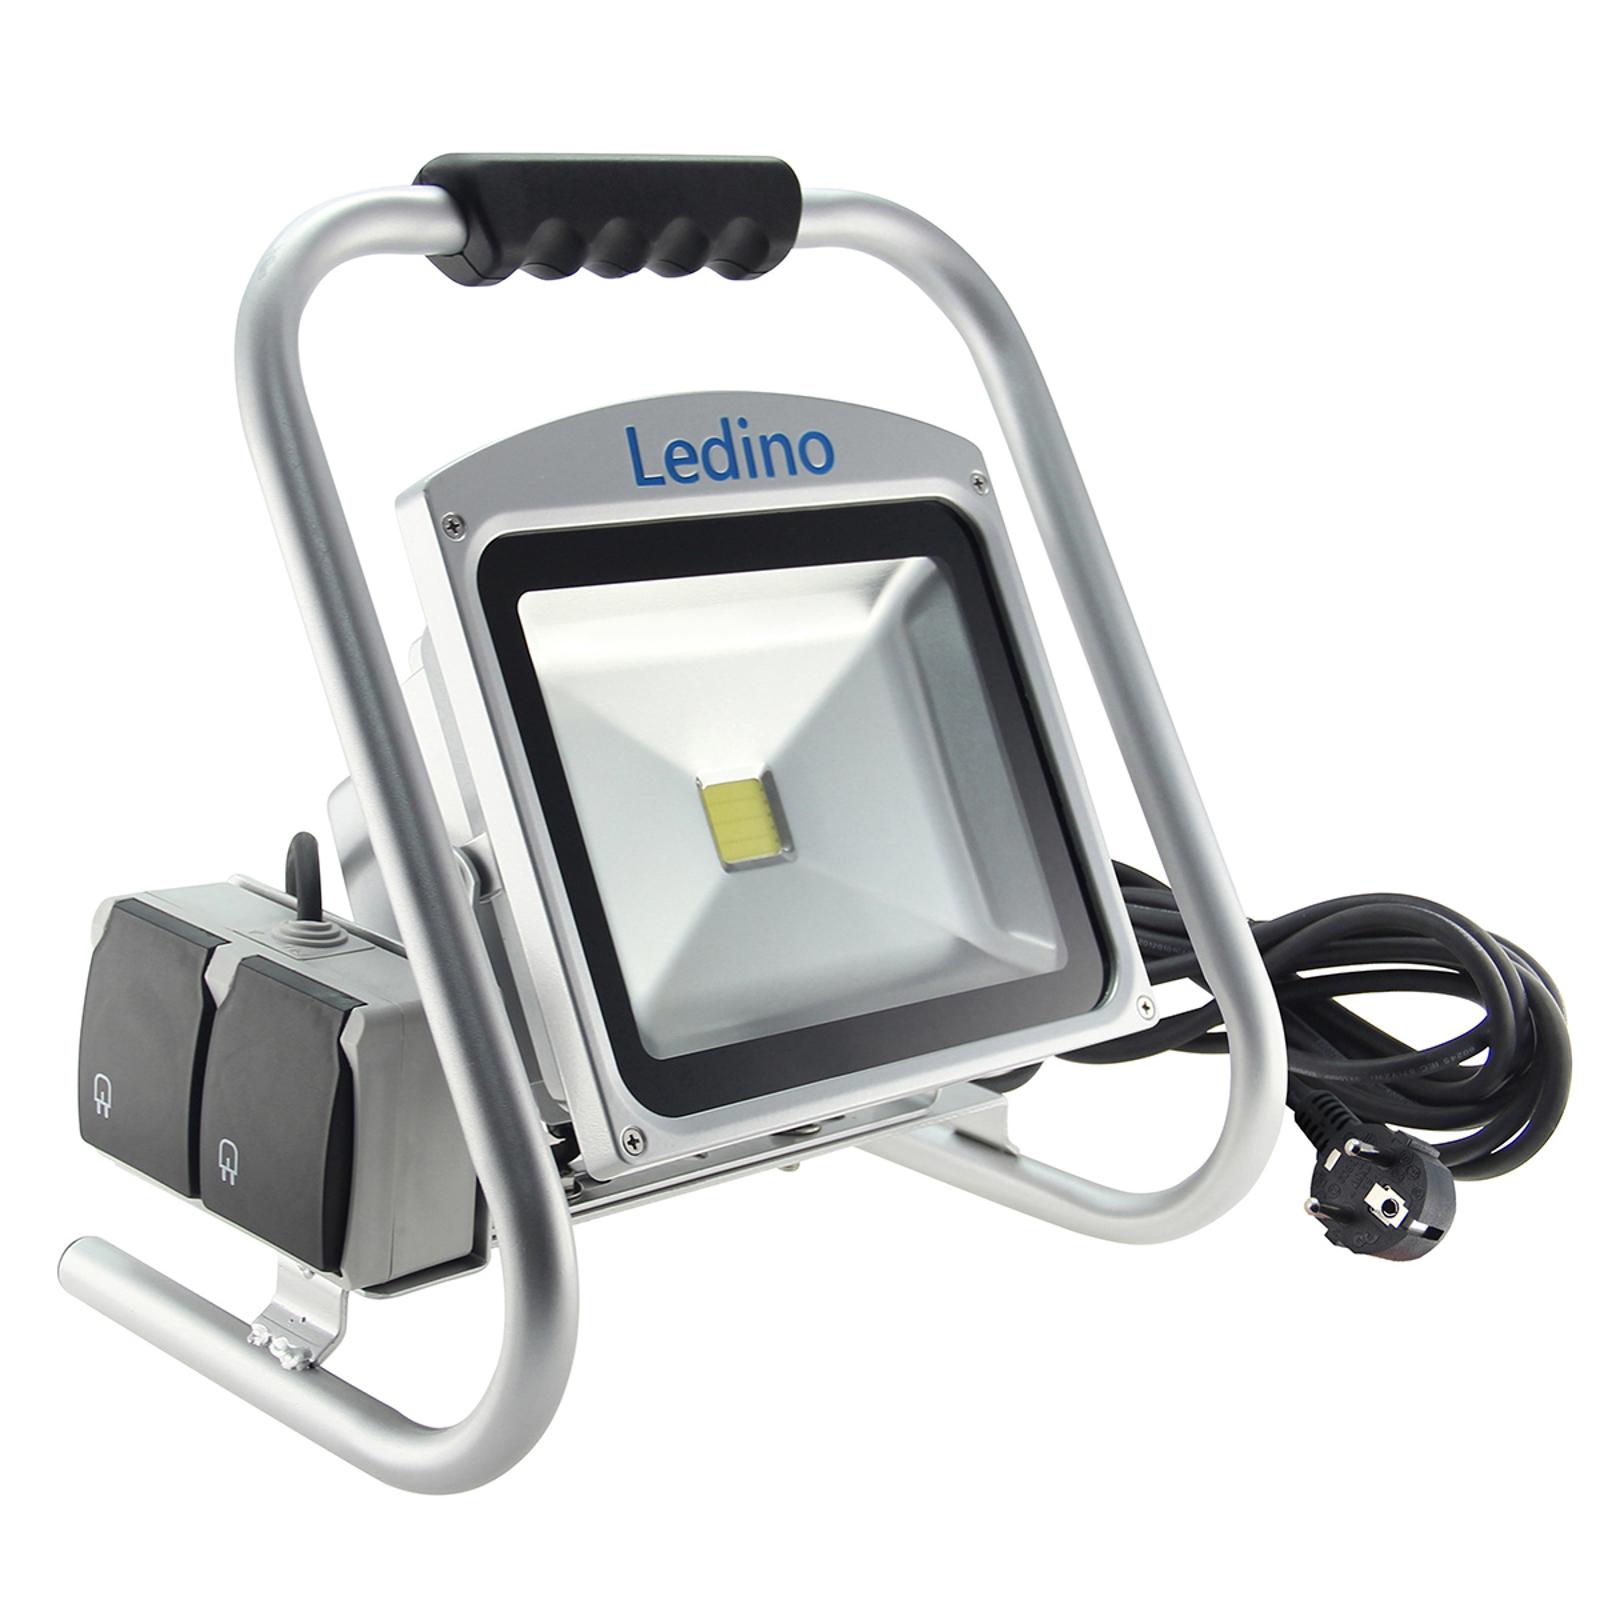 LED-Baustrahler Eros, 50 W, strahlwassergeschützt